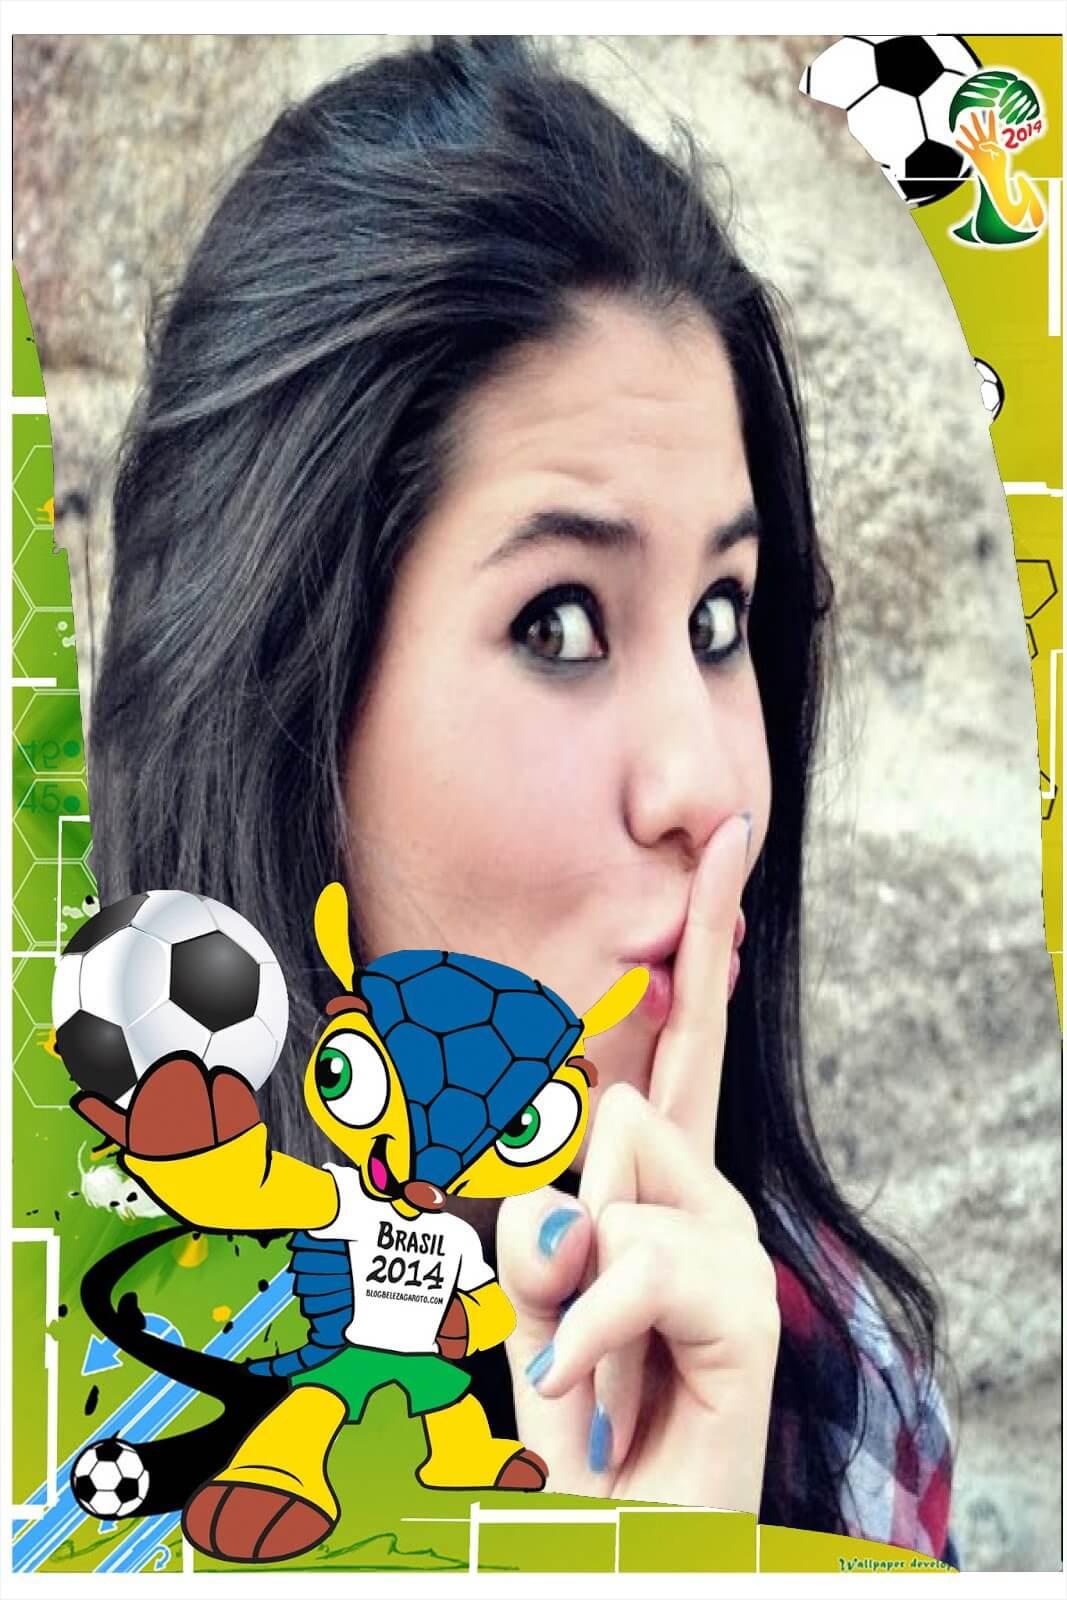 celebracao-da-copa-do-mundo-no-brasil